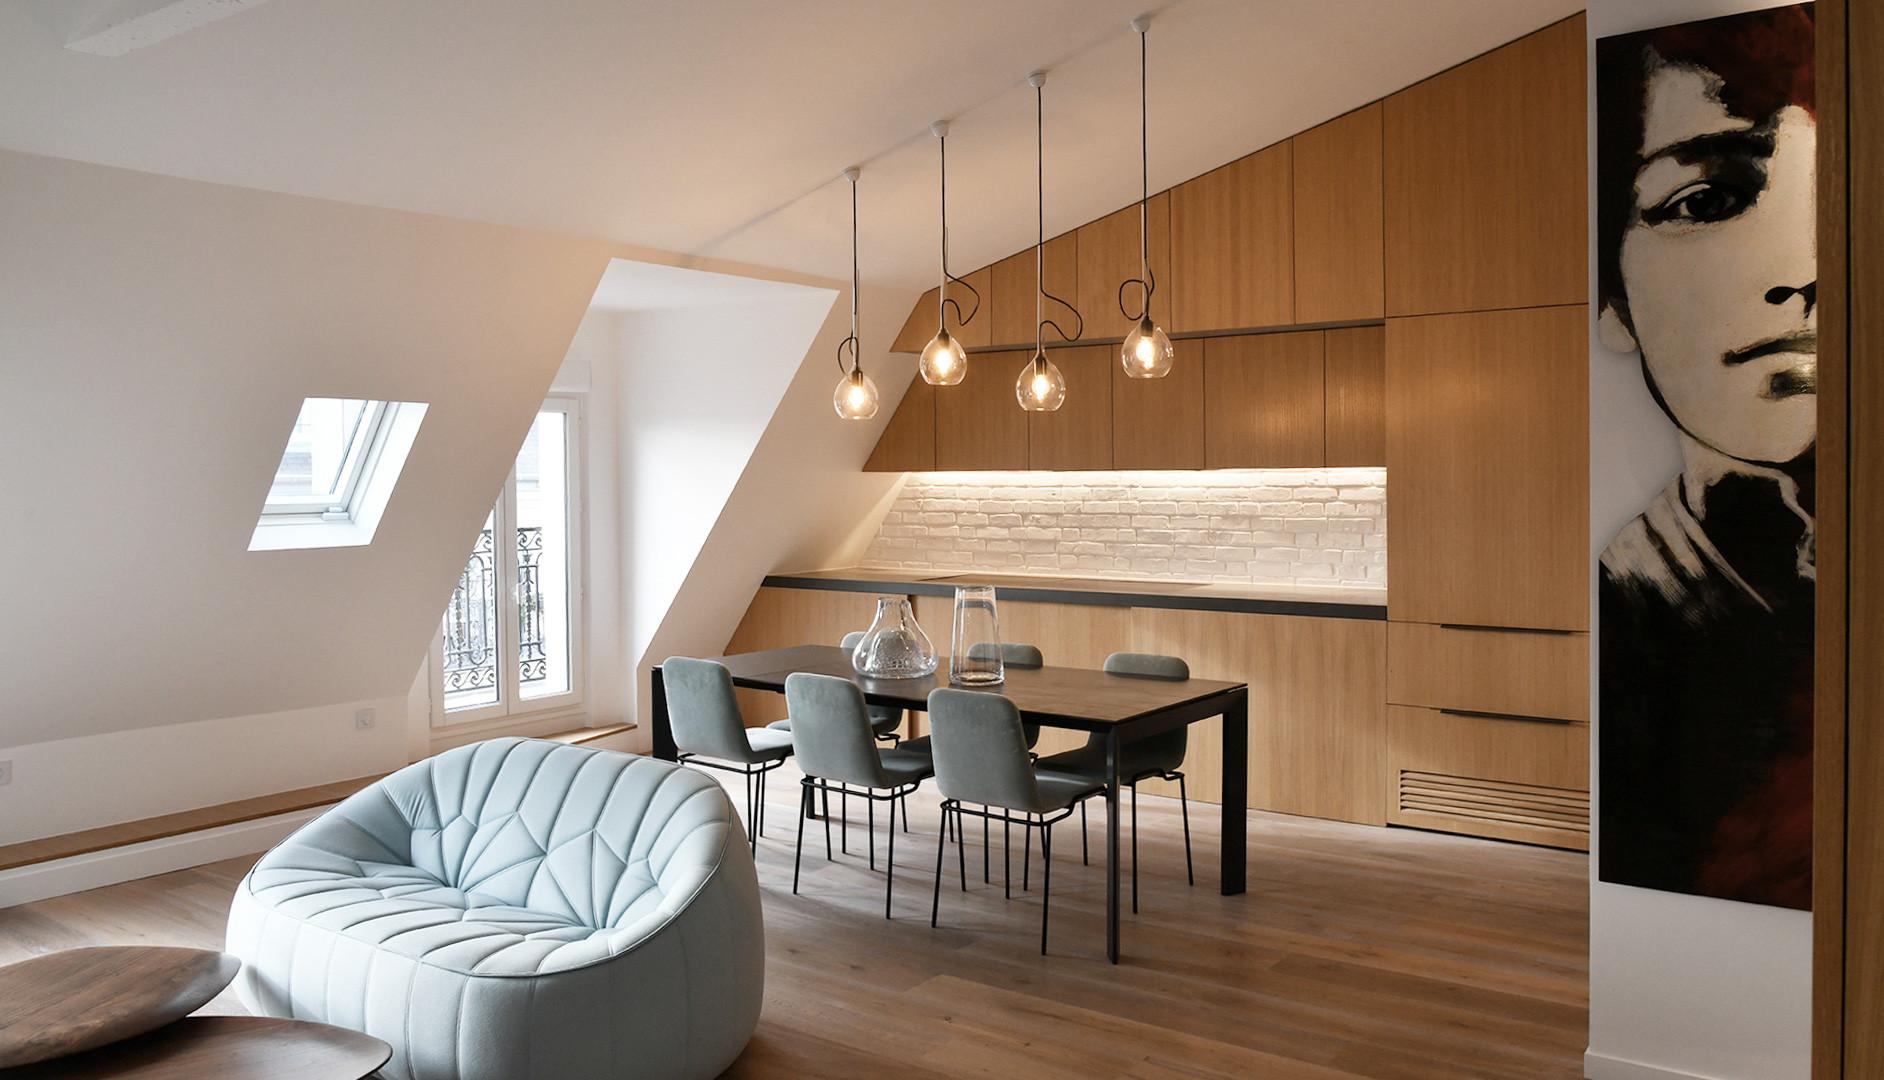 Creation d'un espace dans un style loft